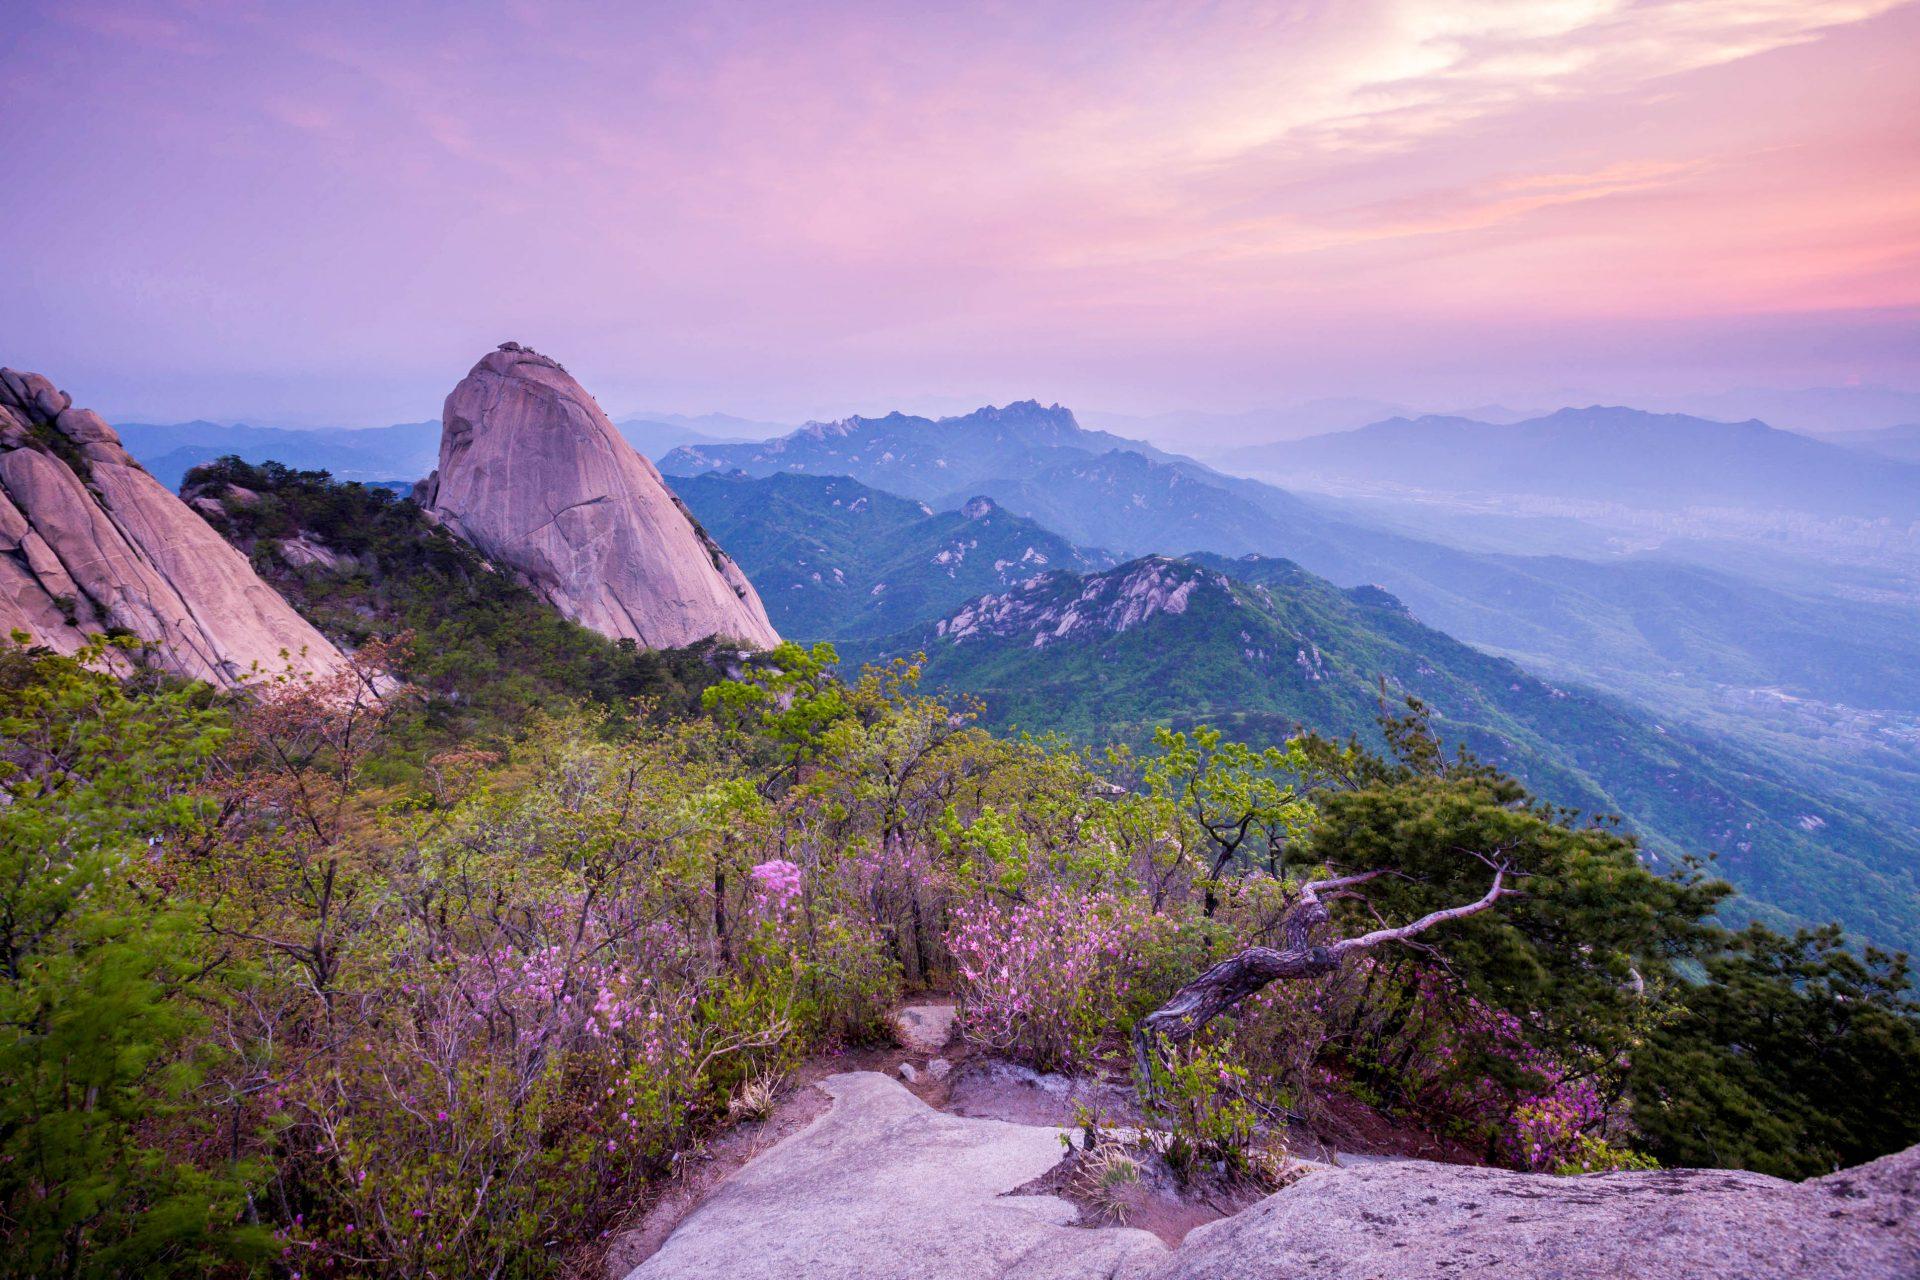 Der Sonnenaufgang in den Bukhansan Bergen in Seoul, Südkorea